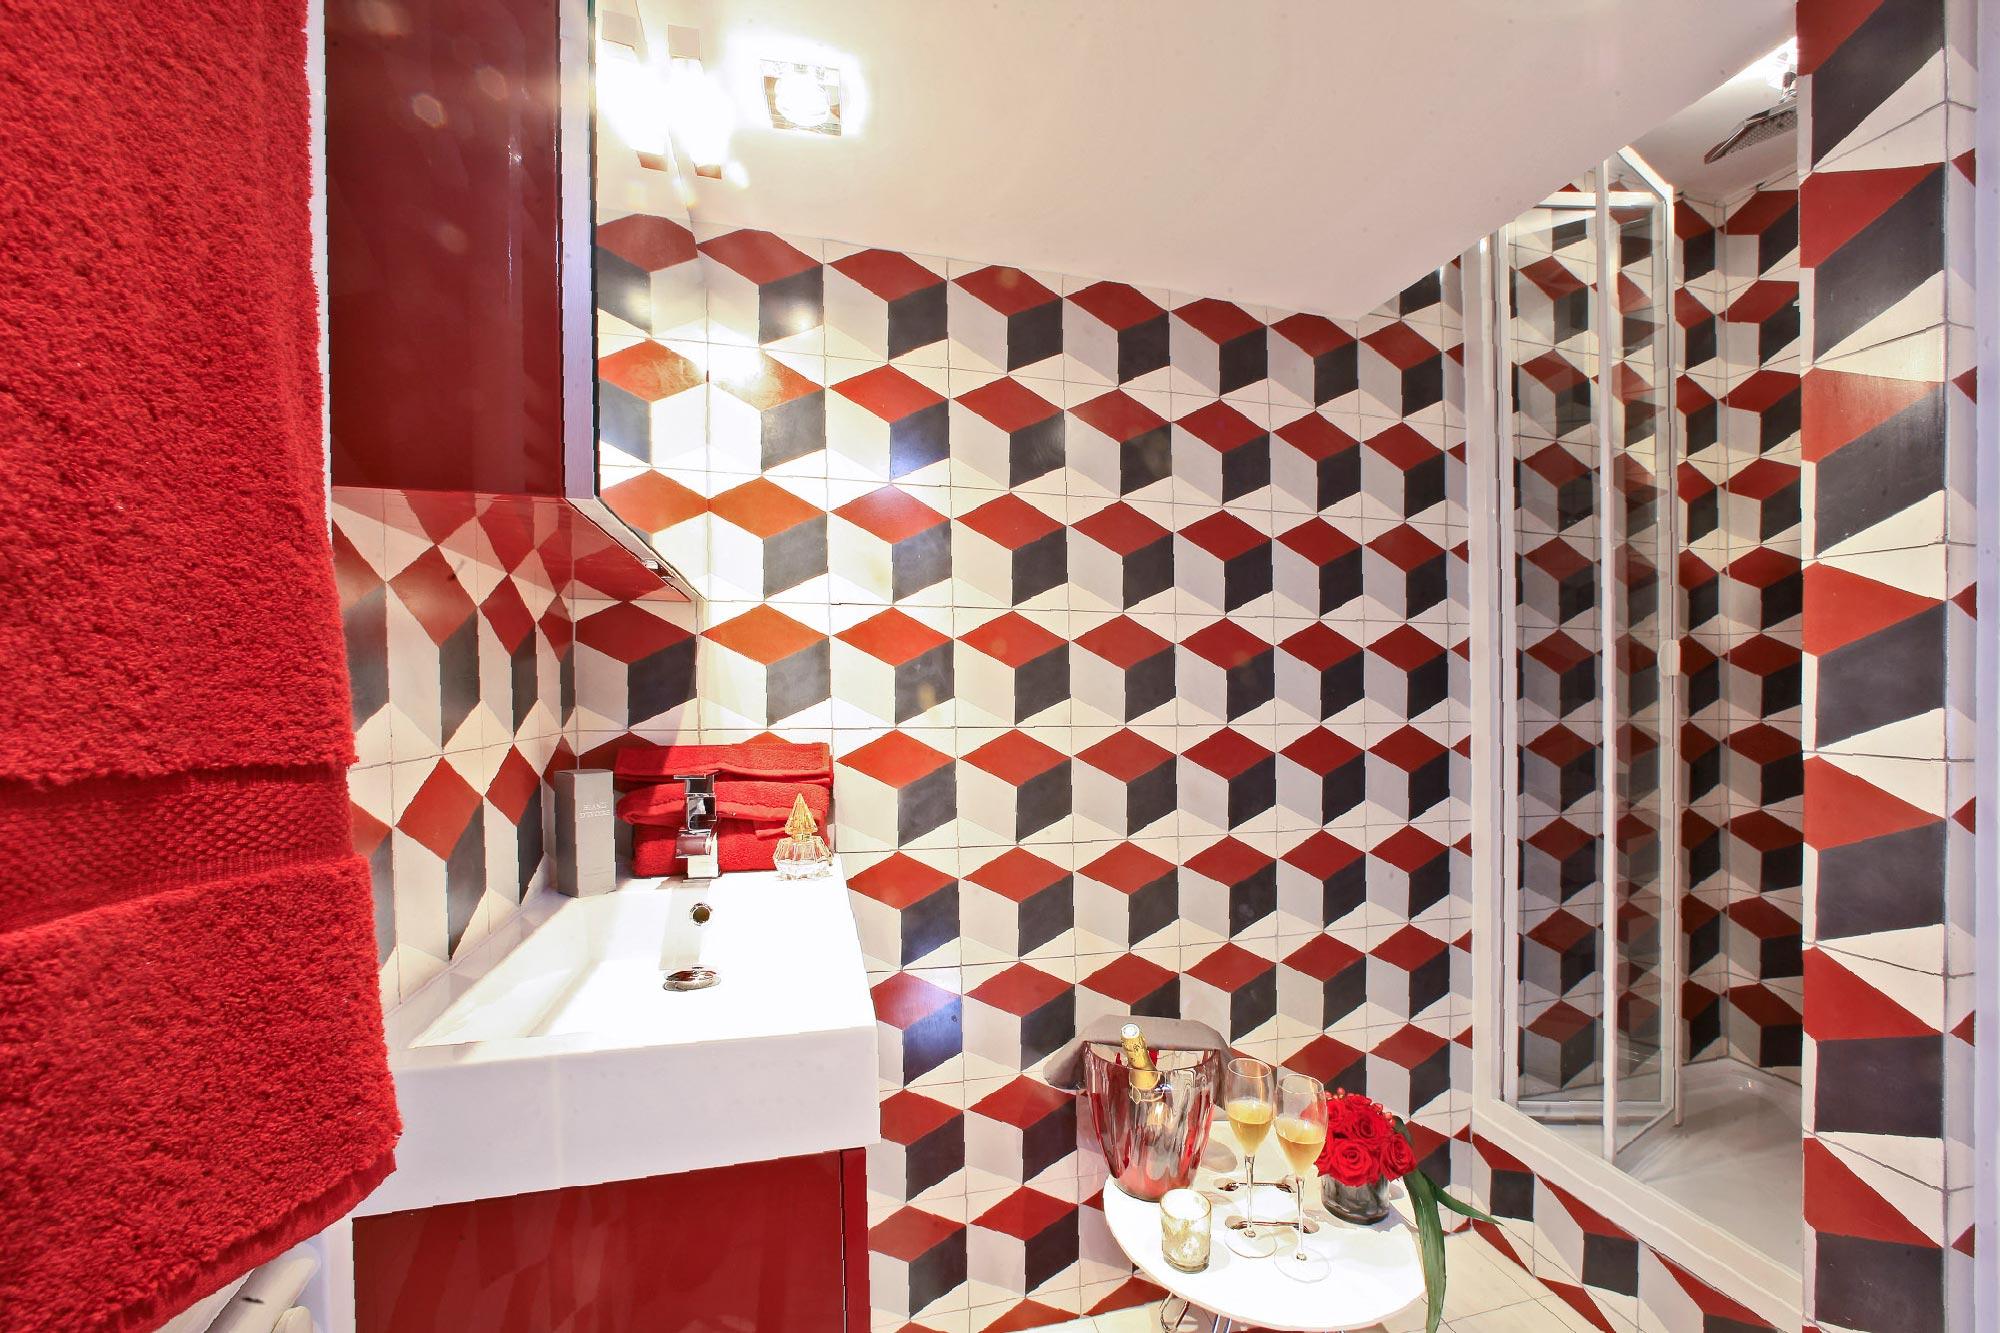 La salle de bain de la location saisonnière à Sarlat Les Colettines